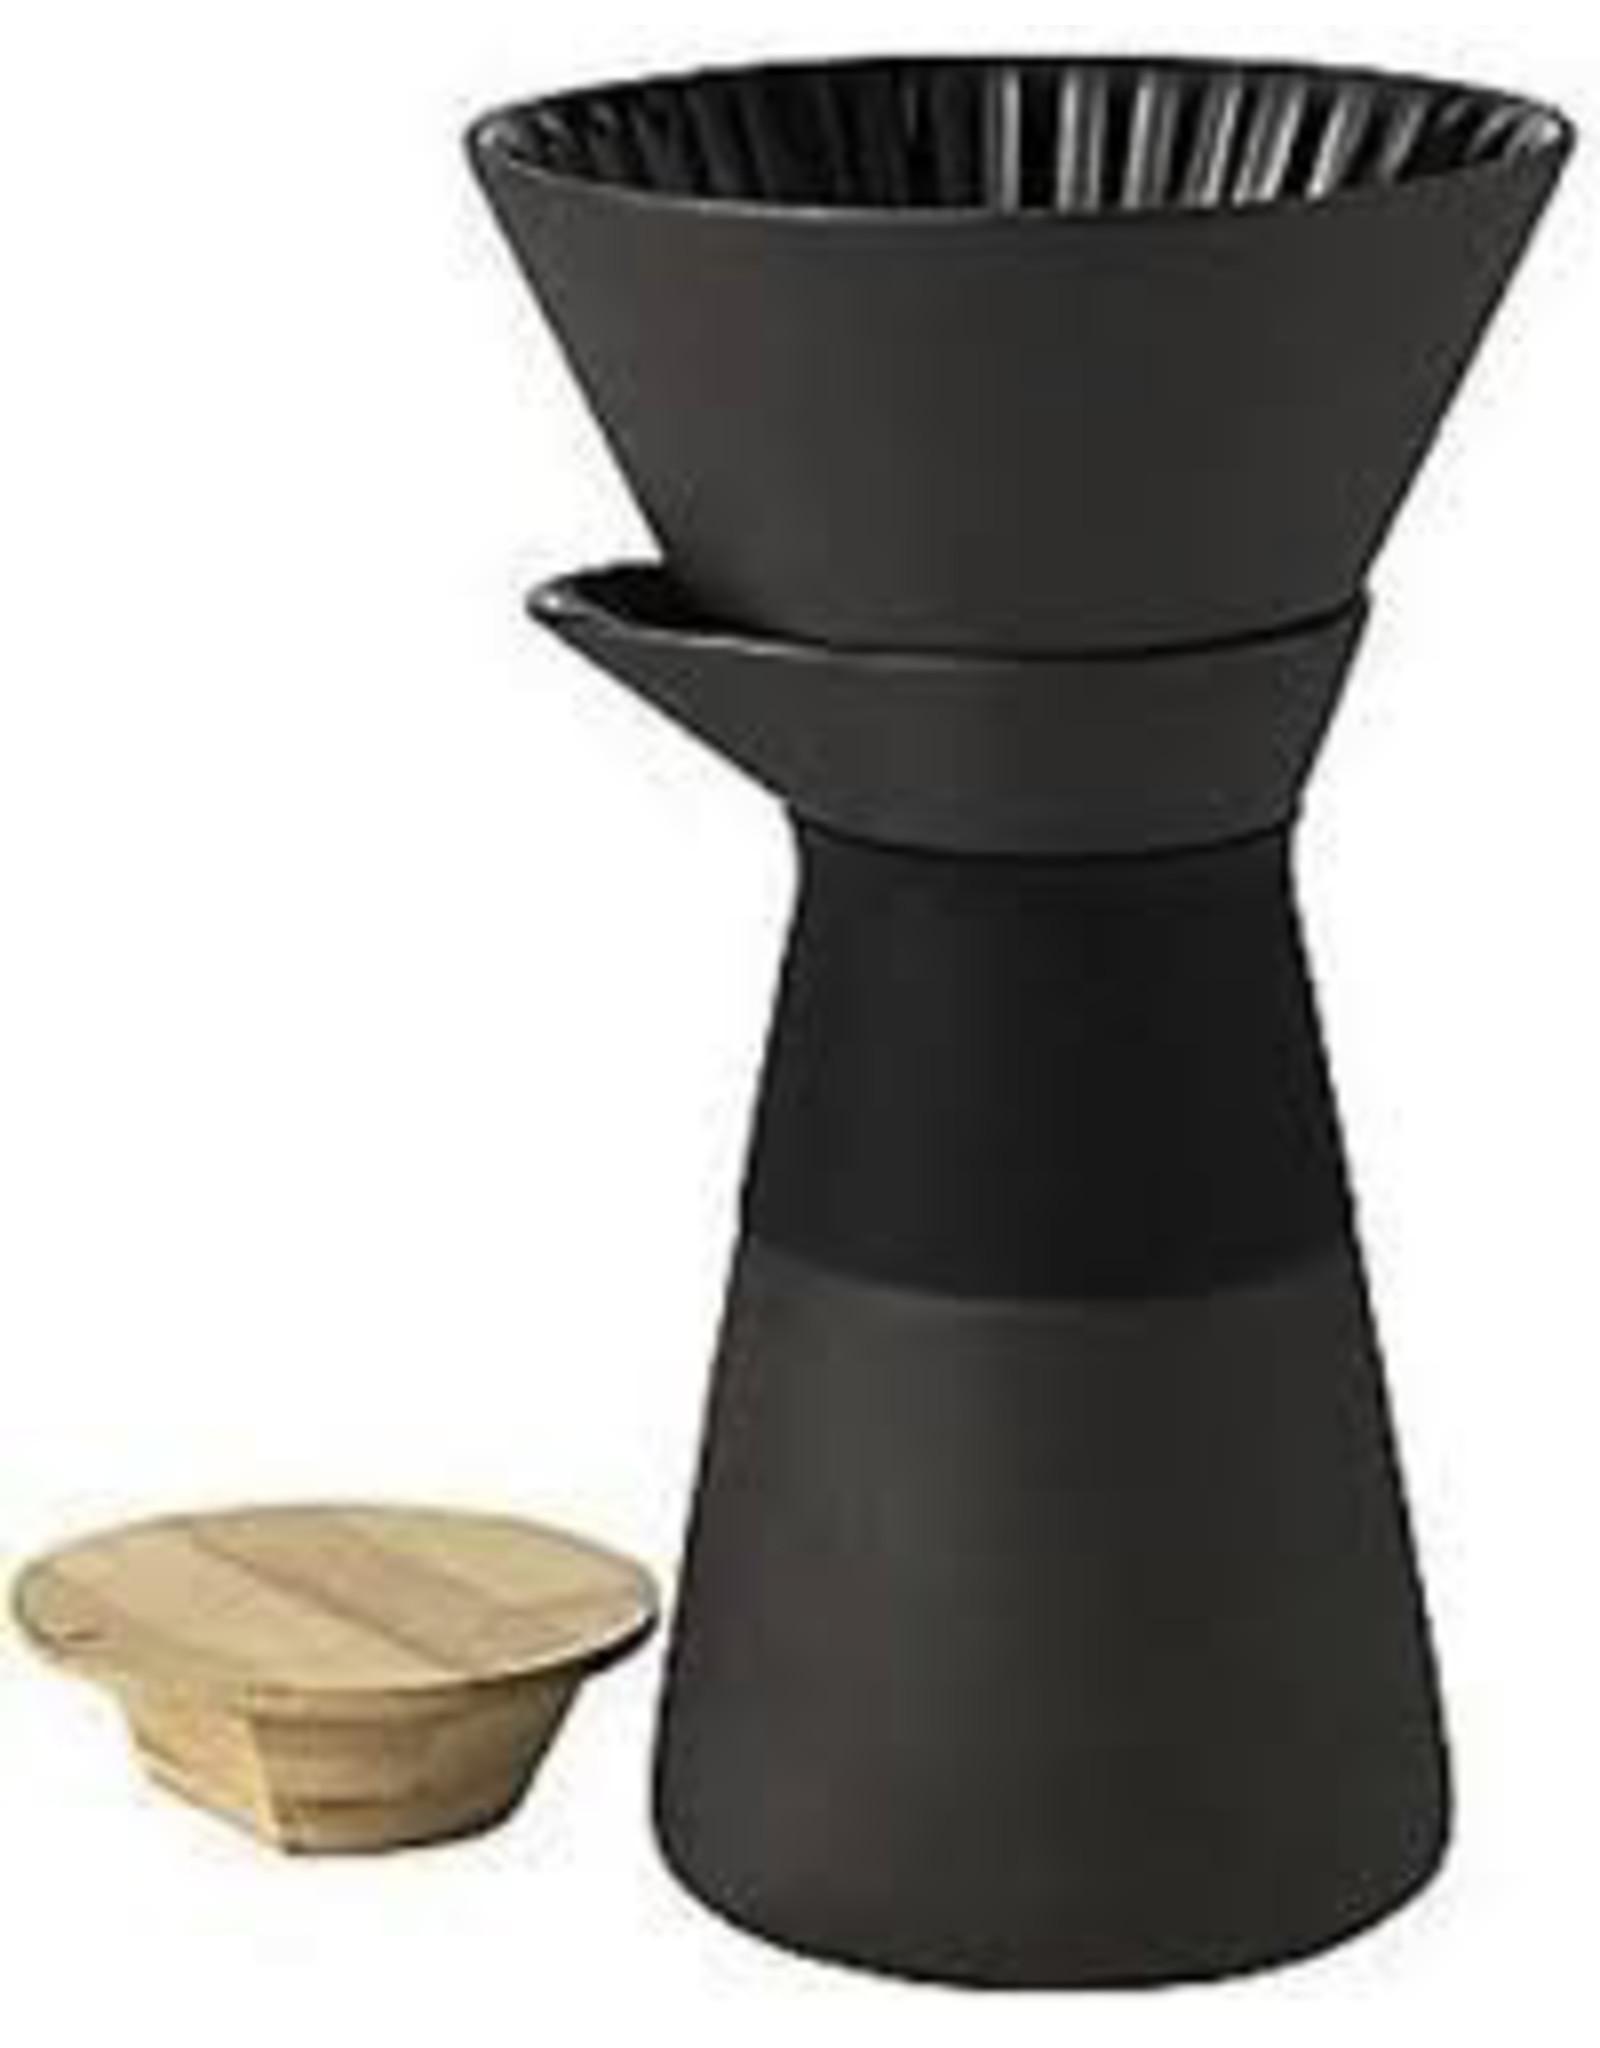 Stelton STELTON THEO COFFEE MAKER